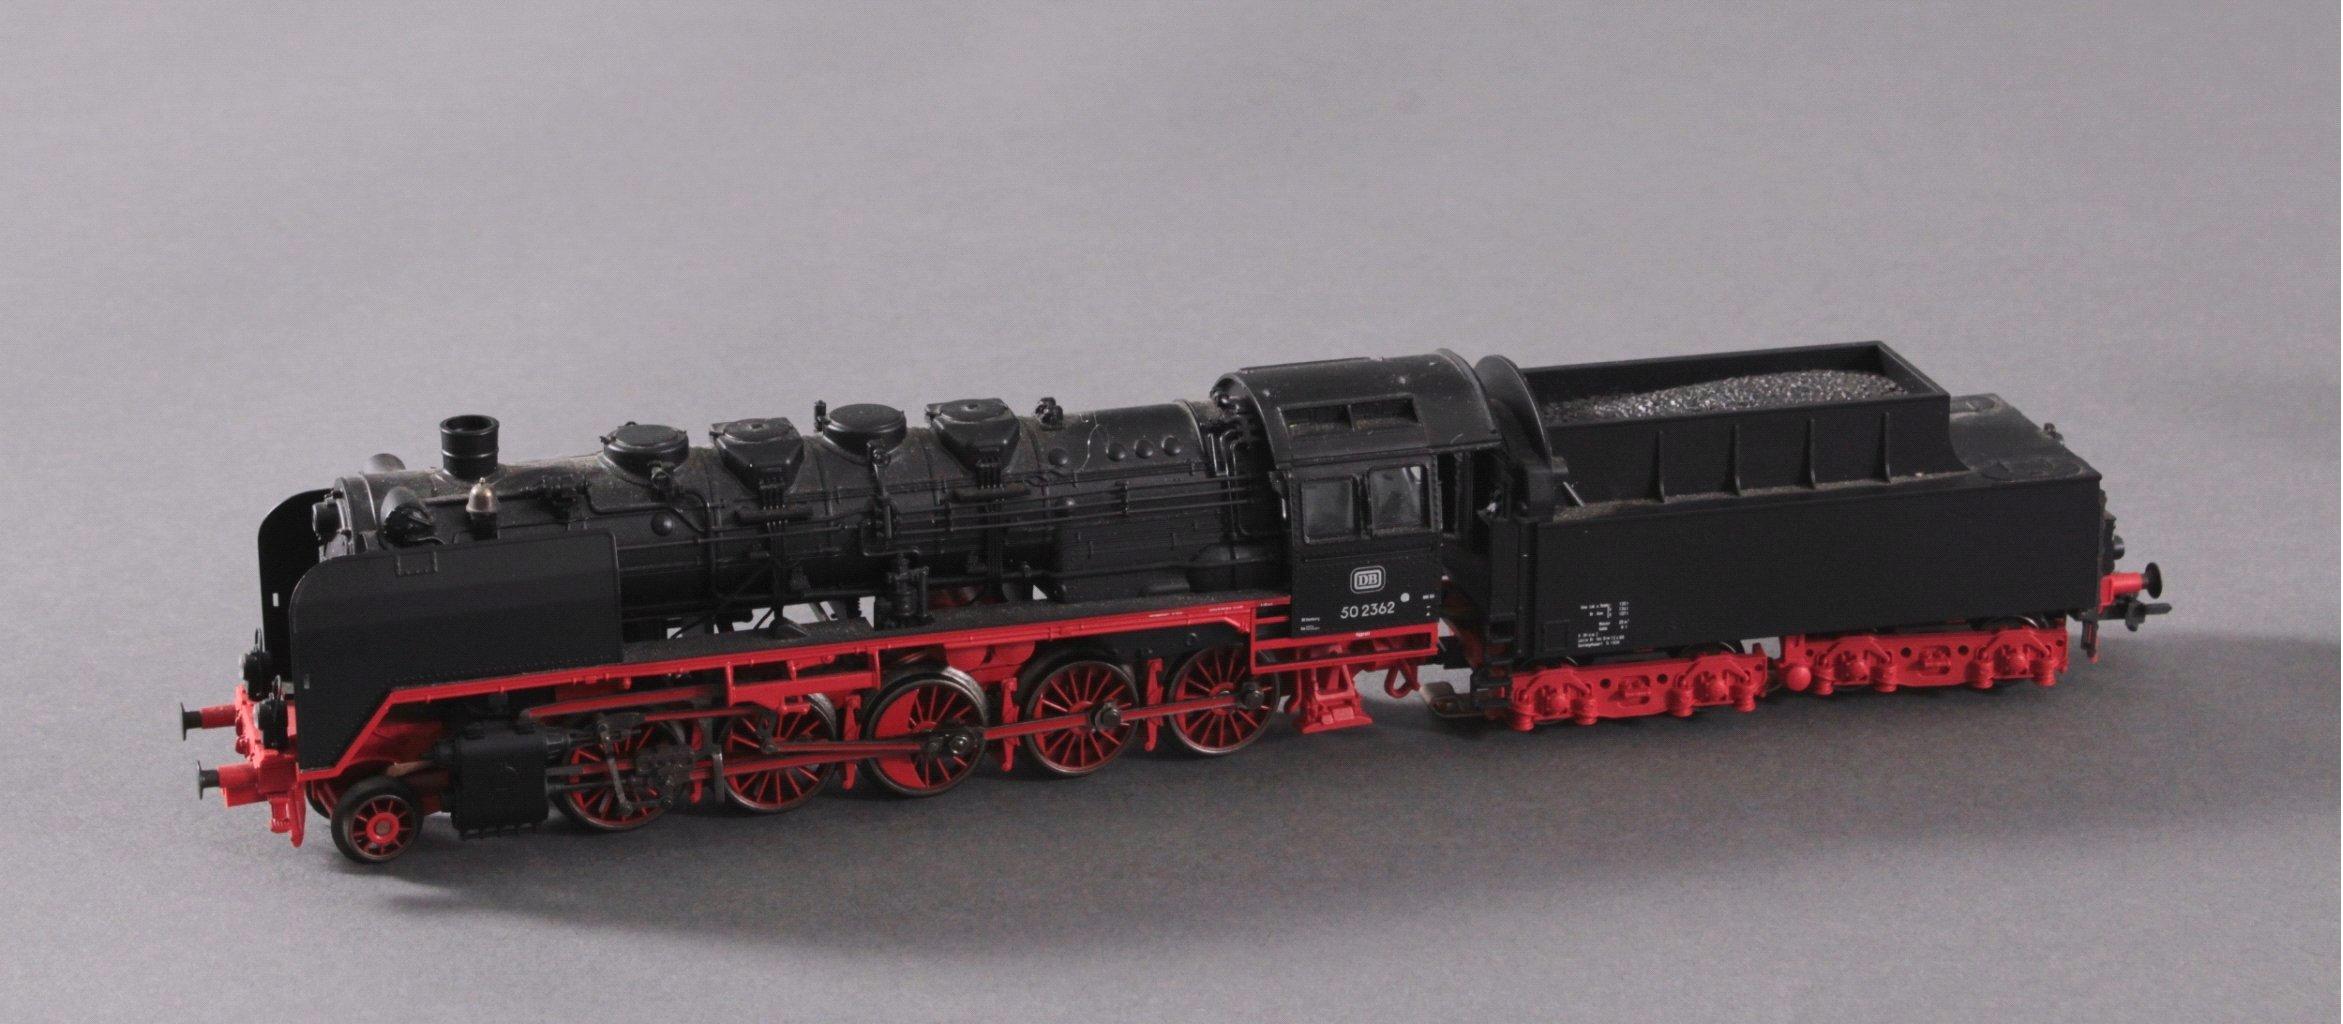 Märklin H0 Dampflok 502362 in schwarz mit Tender-1